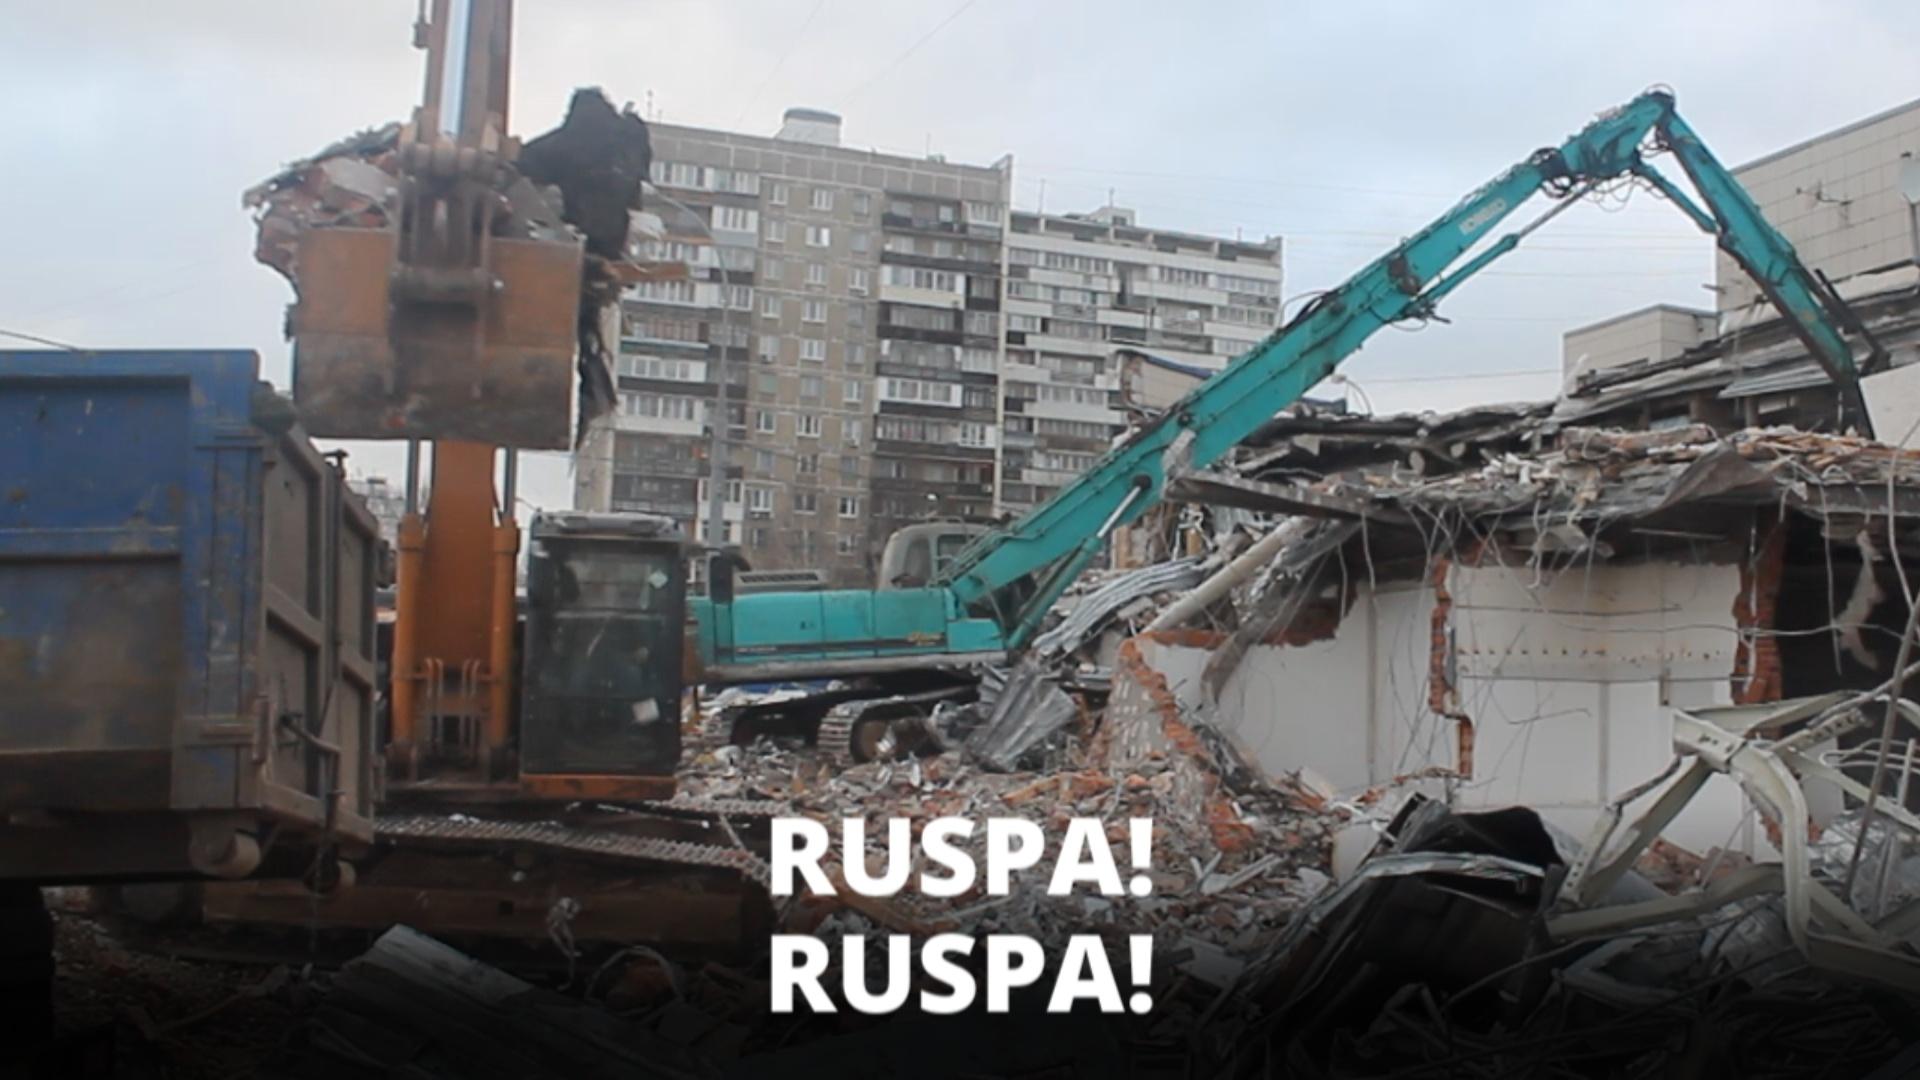 Mistero a Mosca, 100 edifici distrutti in una notte